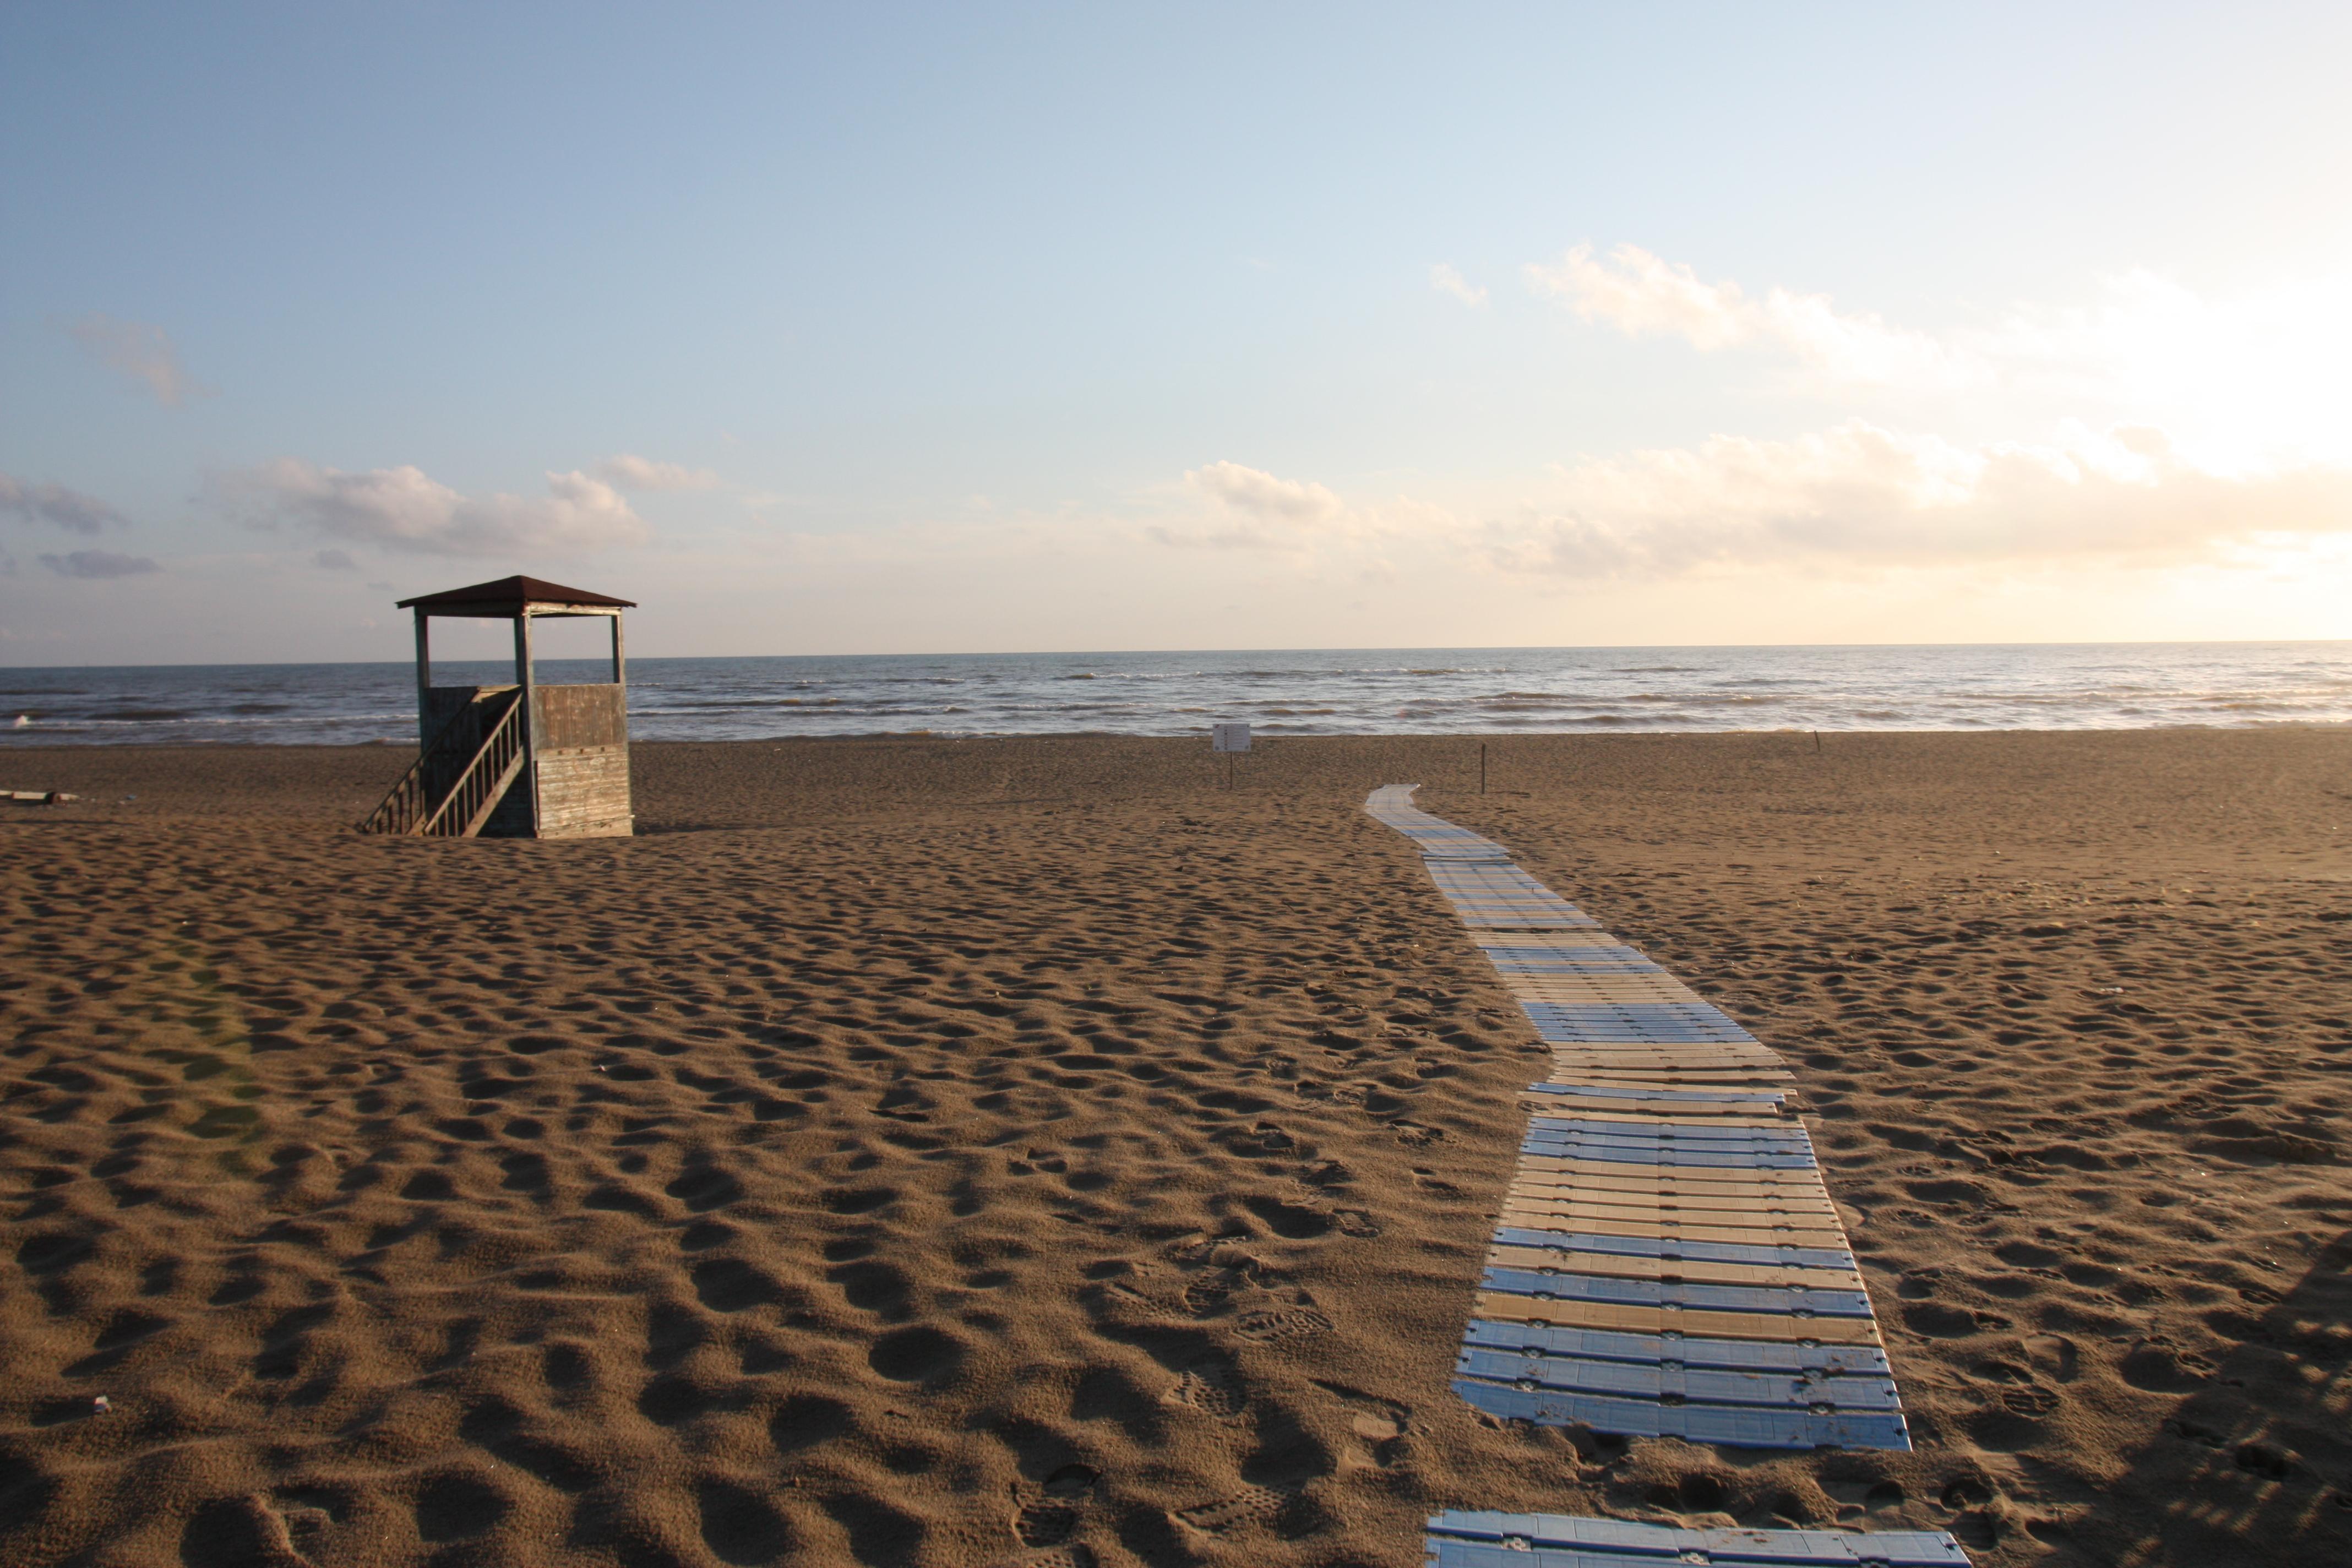 Spiaggia di Castel Porziano